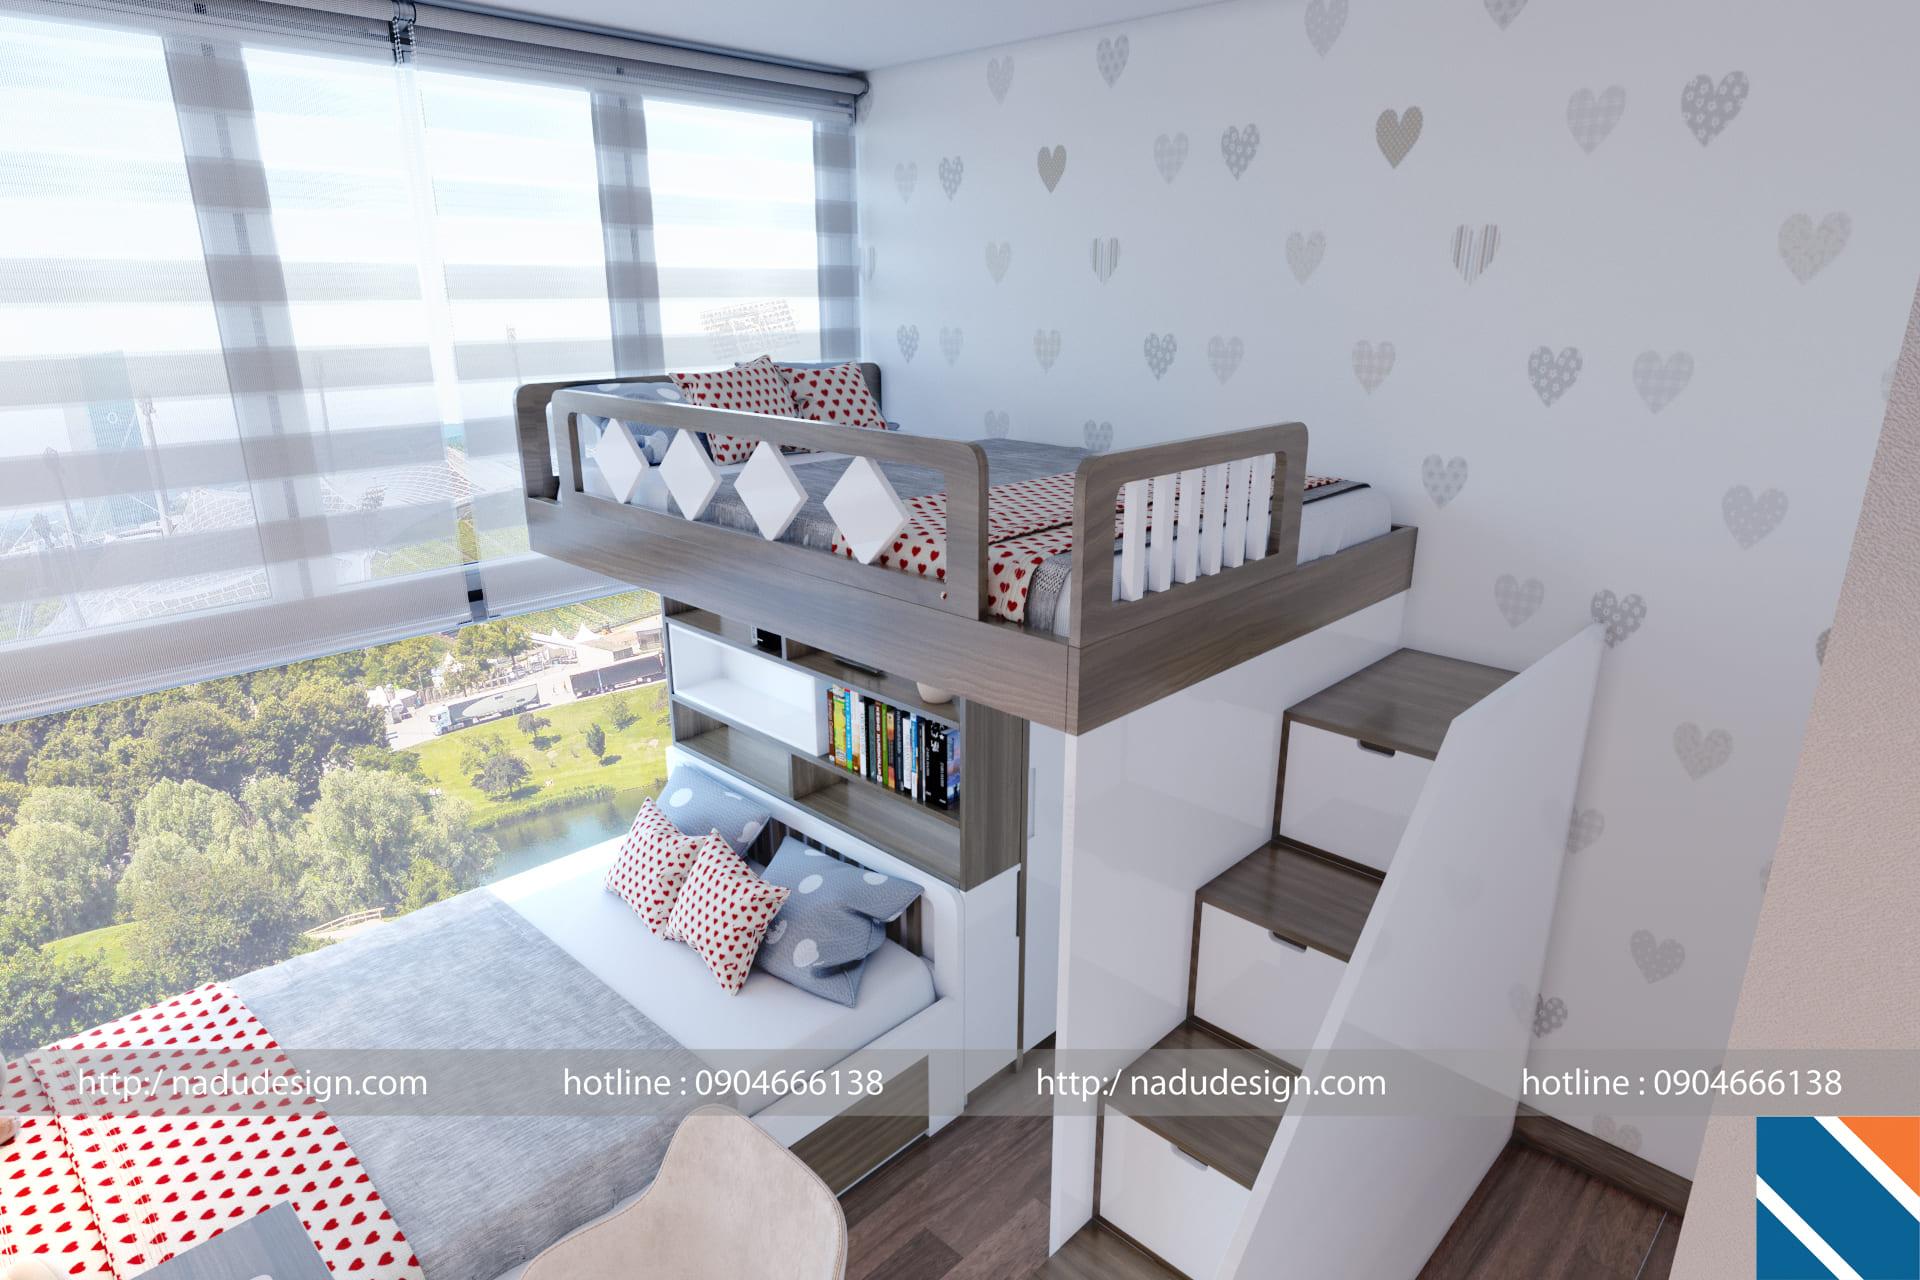 mẫu thiết kế nội thất phòng ngủ chung cư bé gái